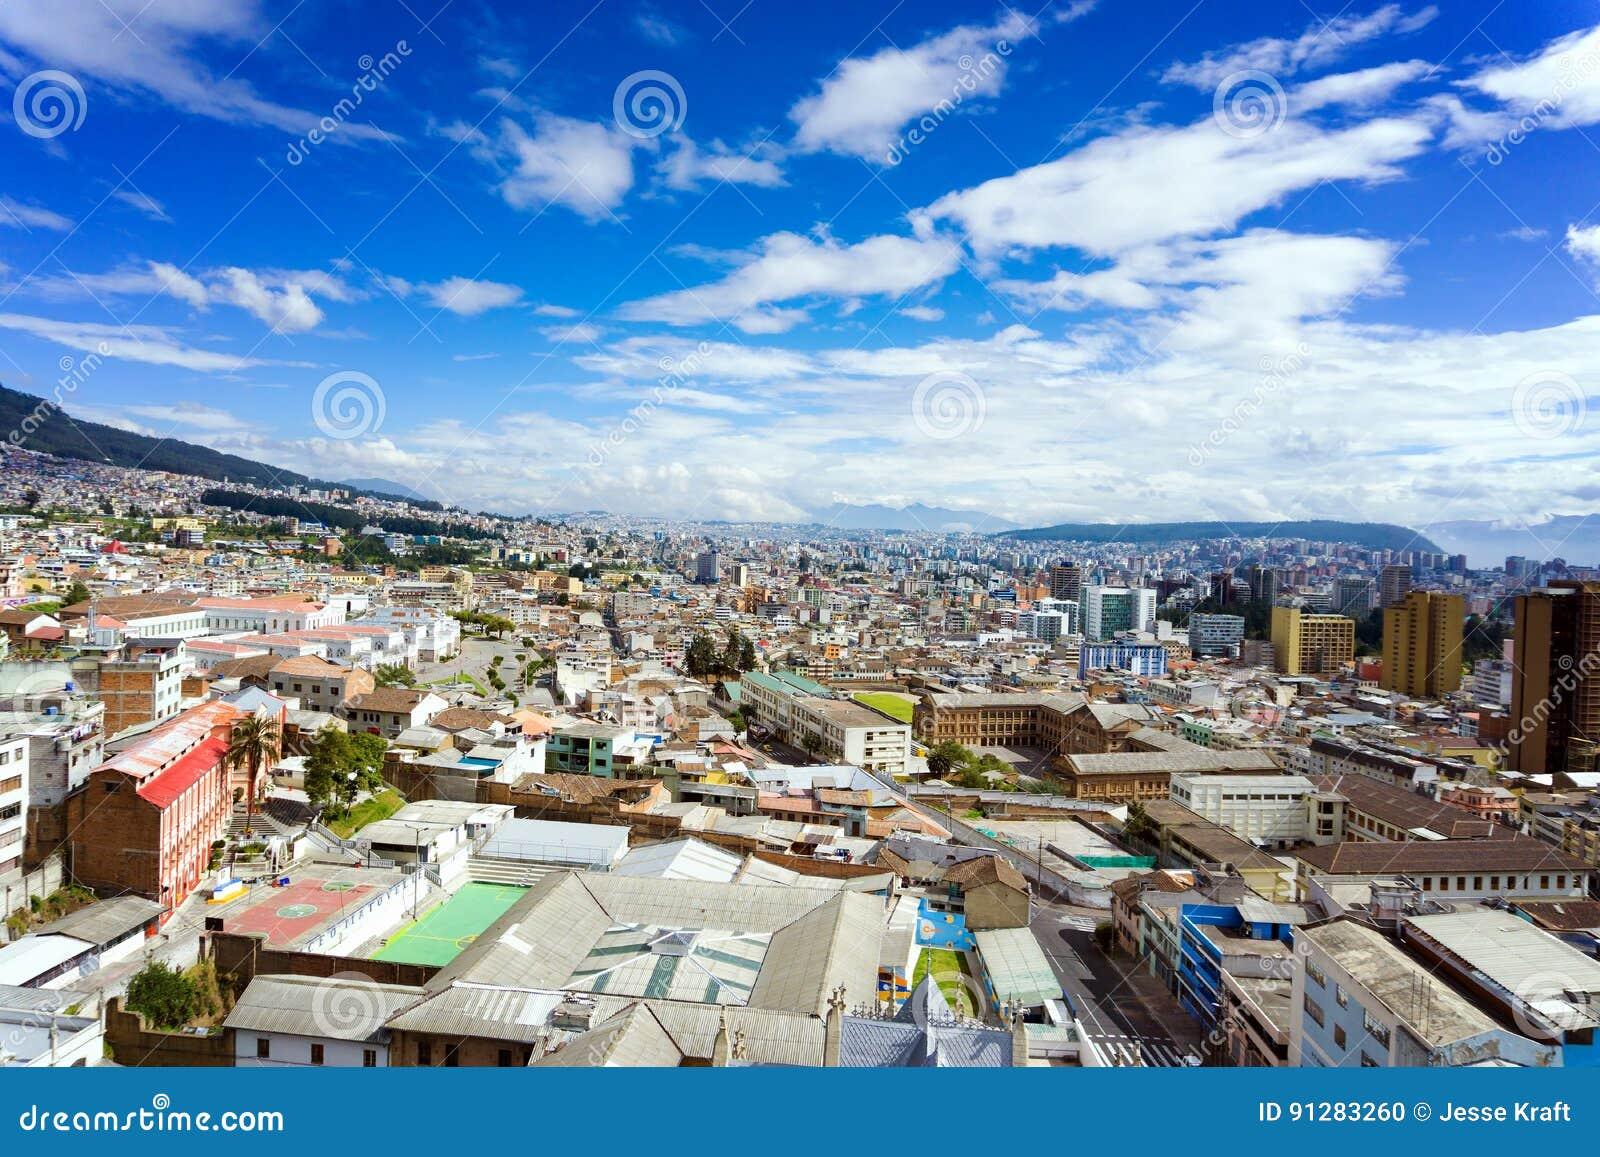 Quito Ecuador Cityscape